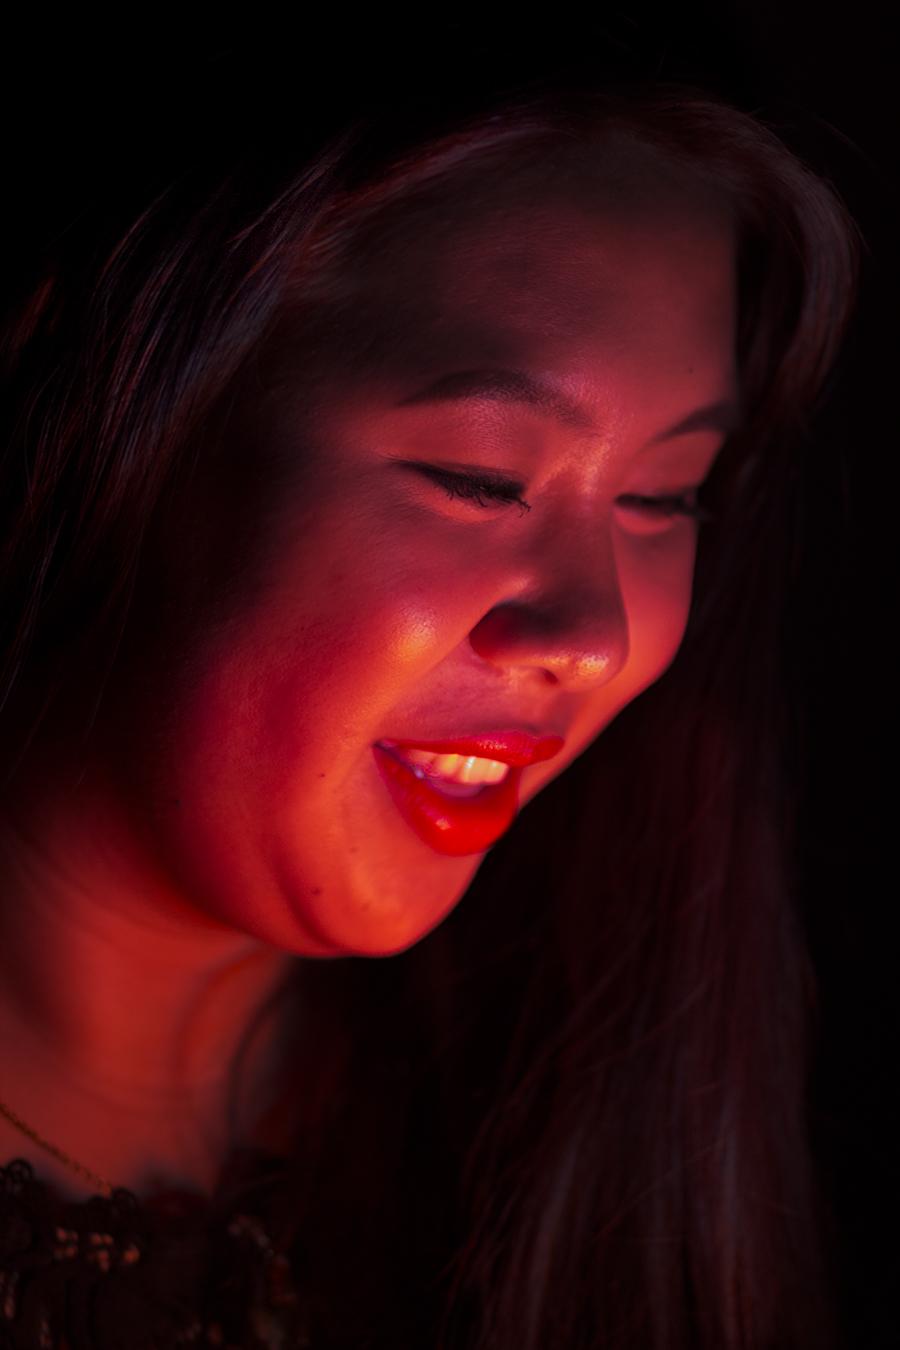 Matt_Garber_portrait_love_red_light_studio_dark_girl_emotions_close_up